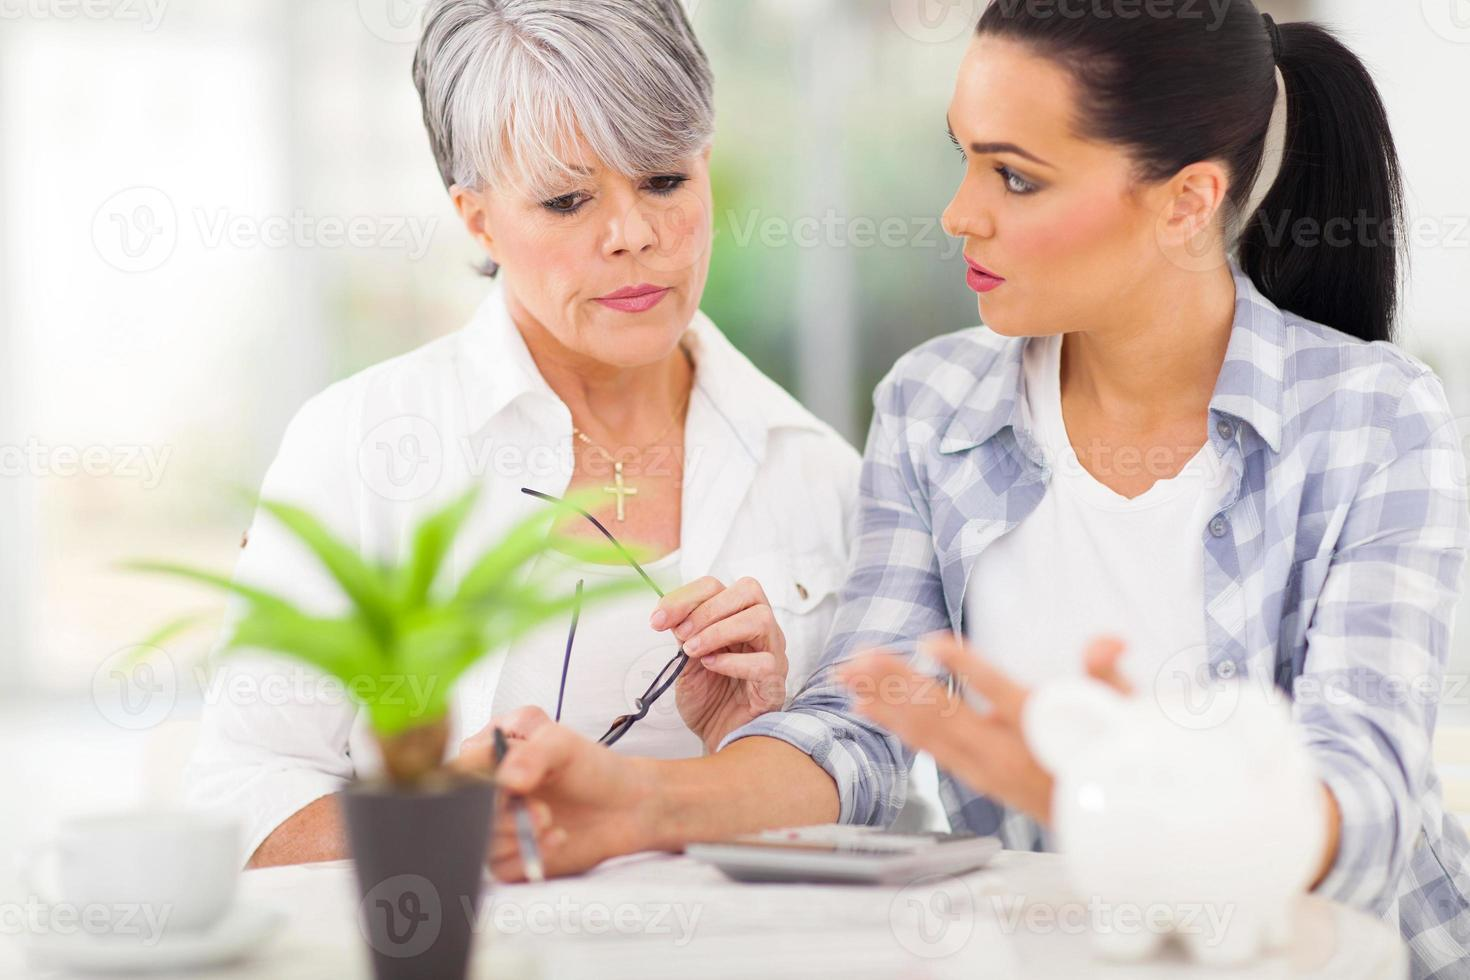 erwachsene Tochter hilft älterer Mutter bei ihren Finanzen foto